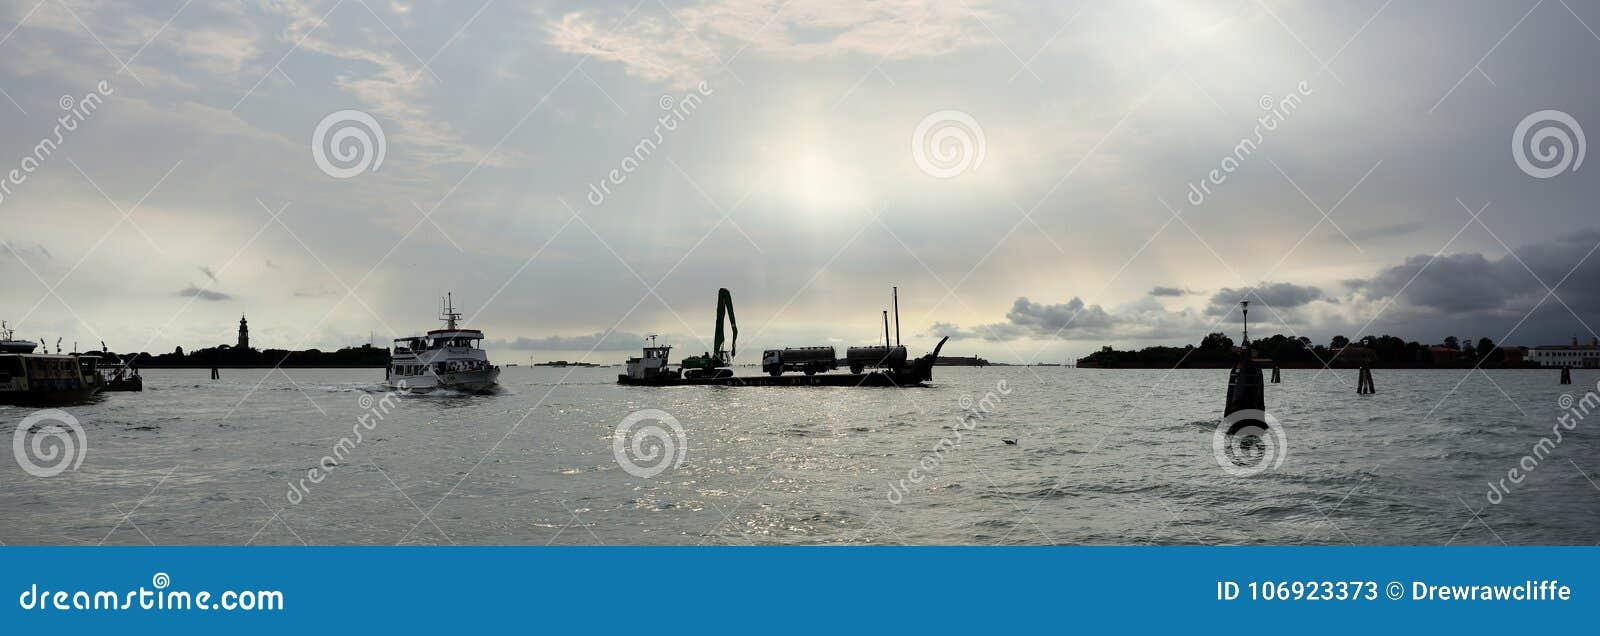 Statki i wieczór światło w Wenecja